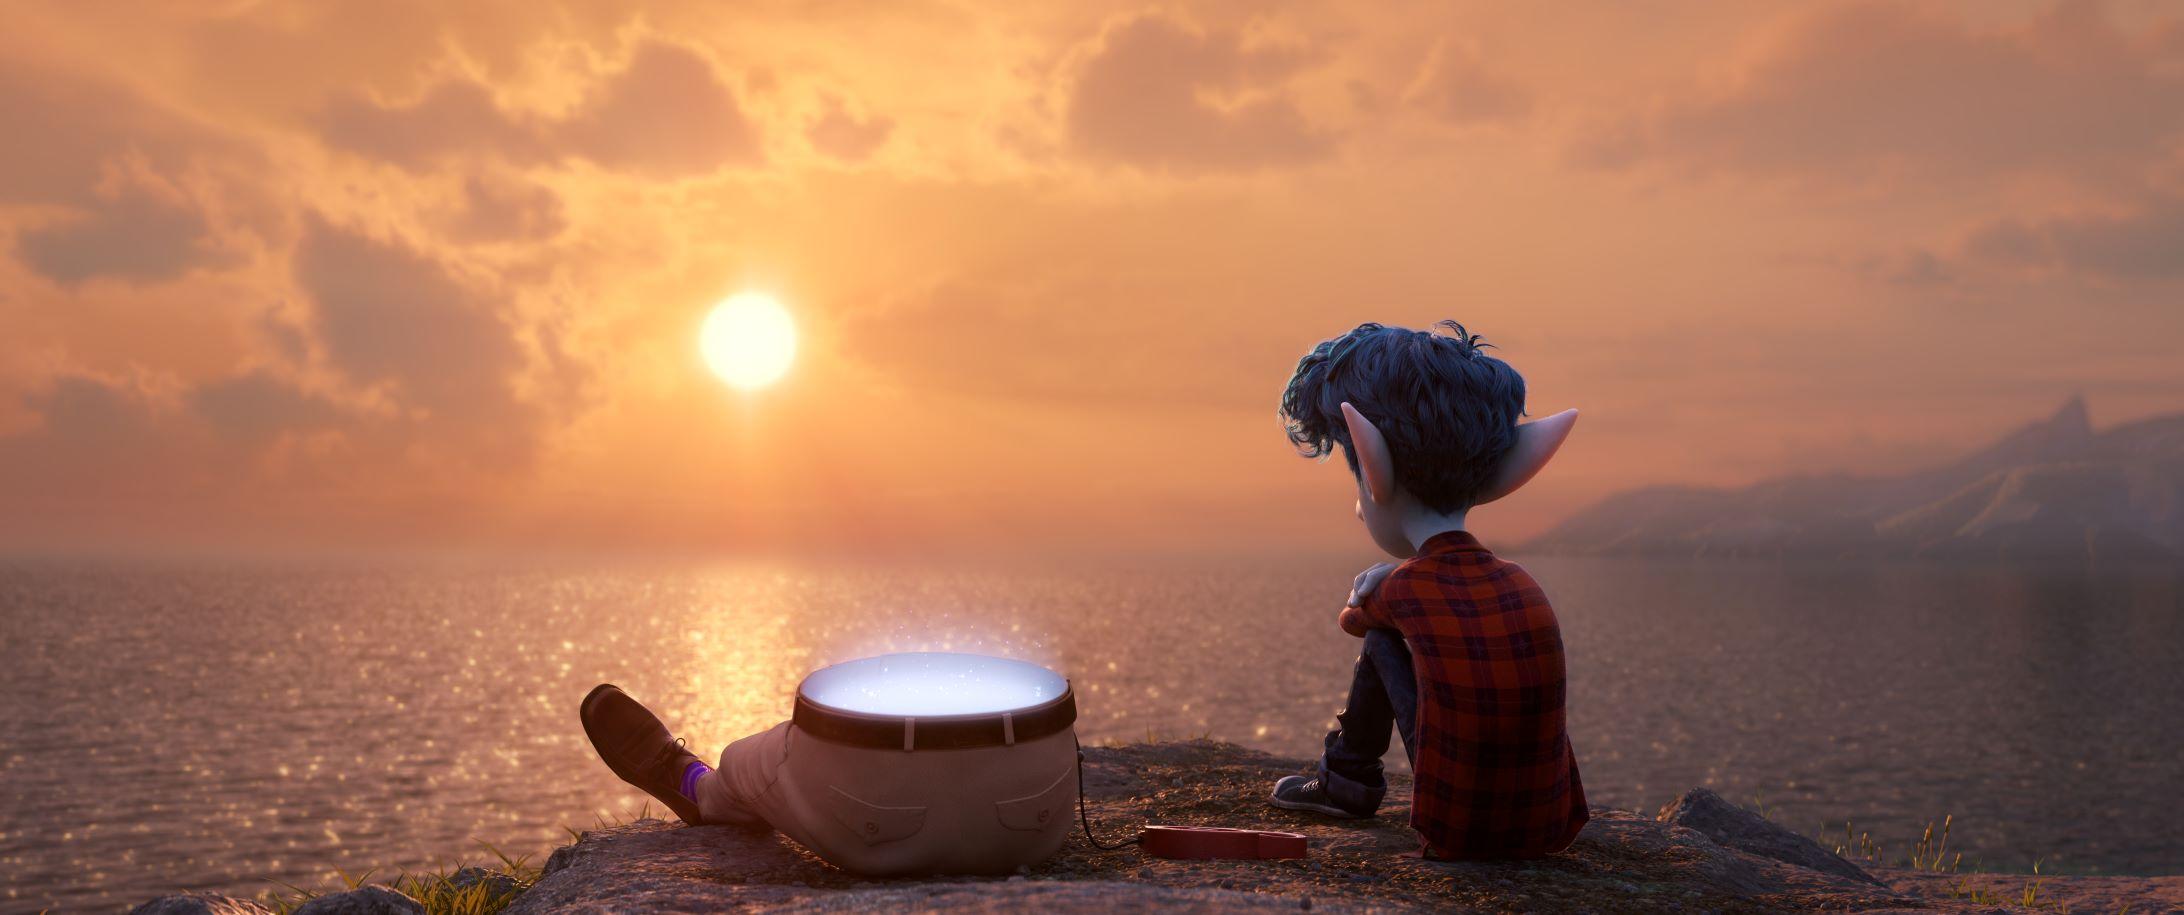 《1/2 的魔法》故事取材於導演丹史坎隆的真人真事。(迪士尼提供)